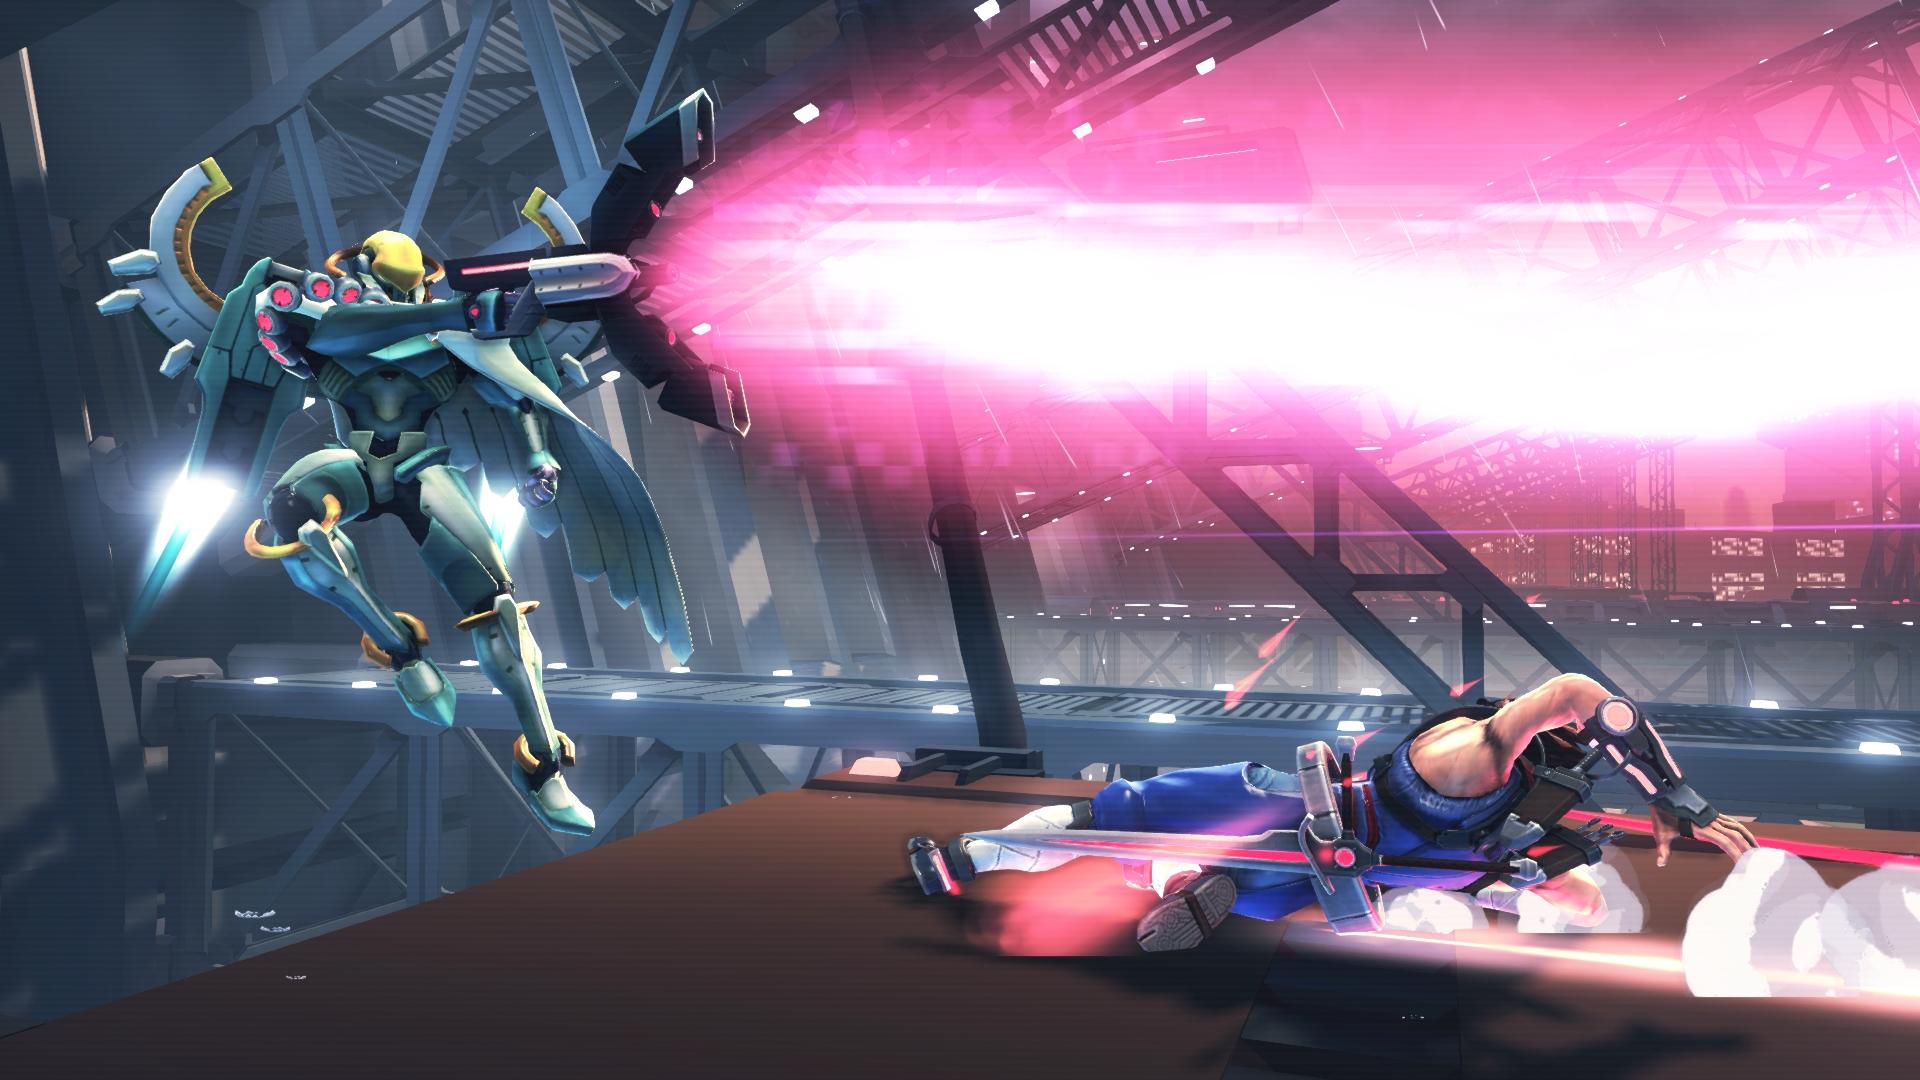 Strider - Launch trailer 93667